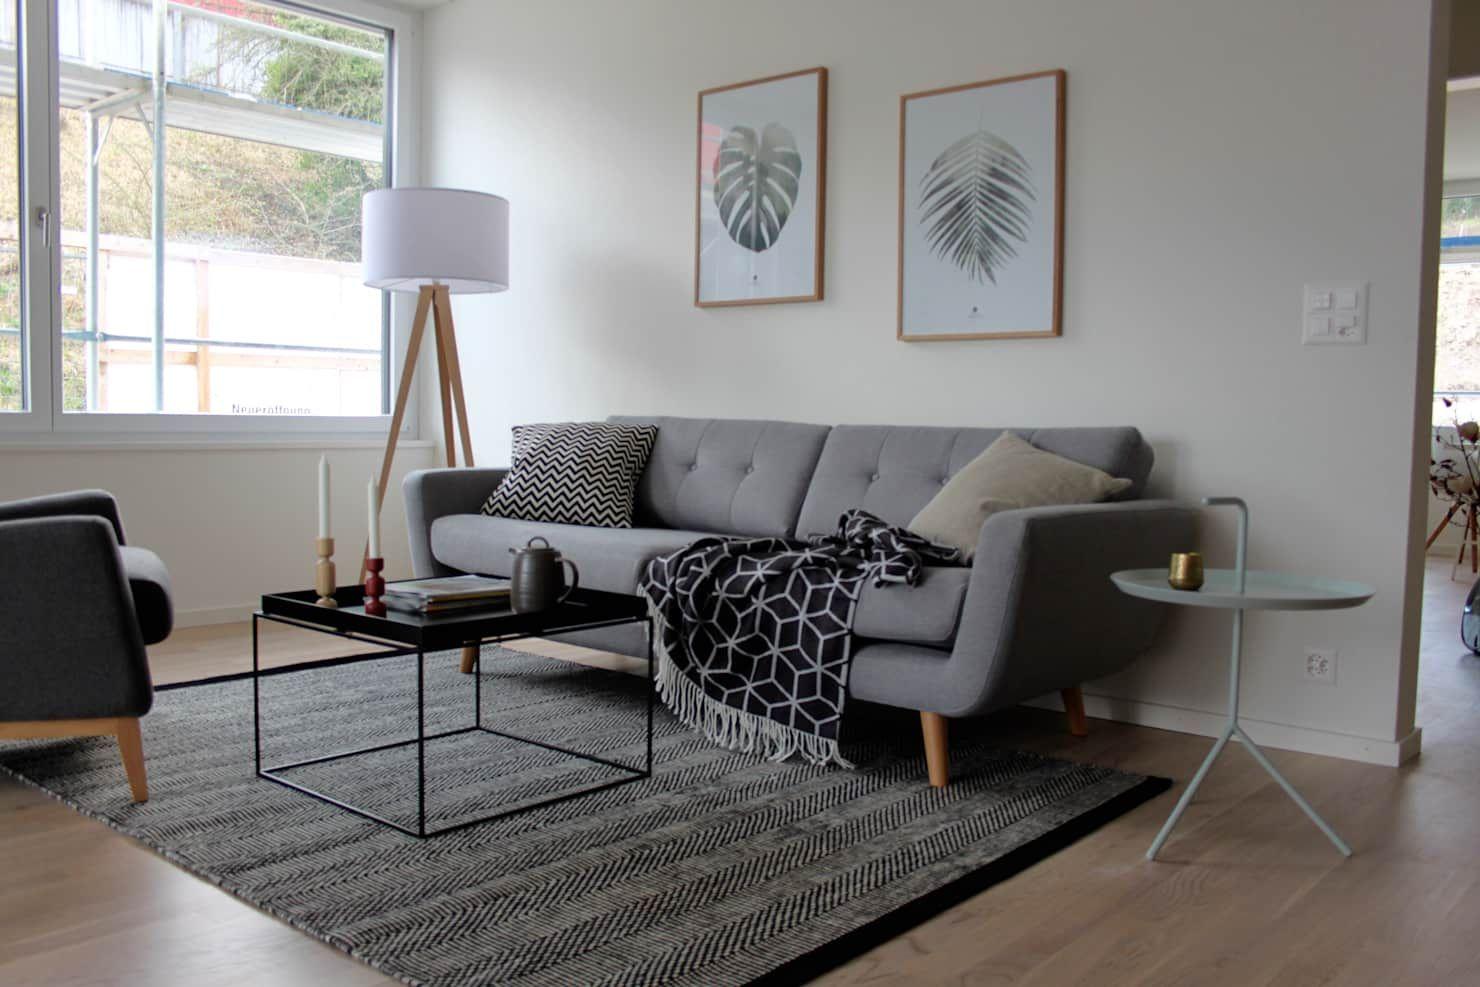 Wohnzimmer Im Nordischen Stil Skandinavische Wohnzimmer